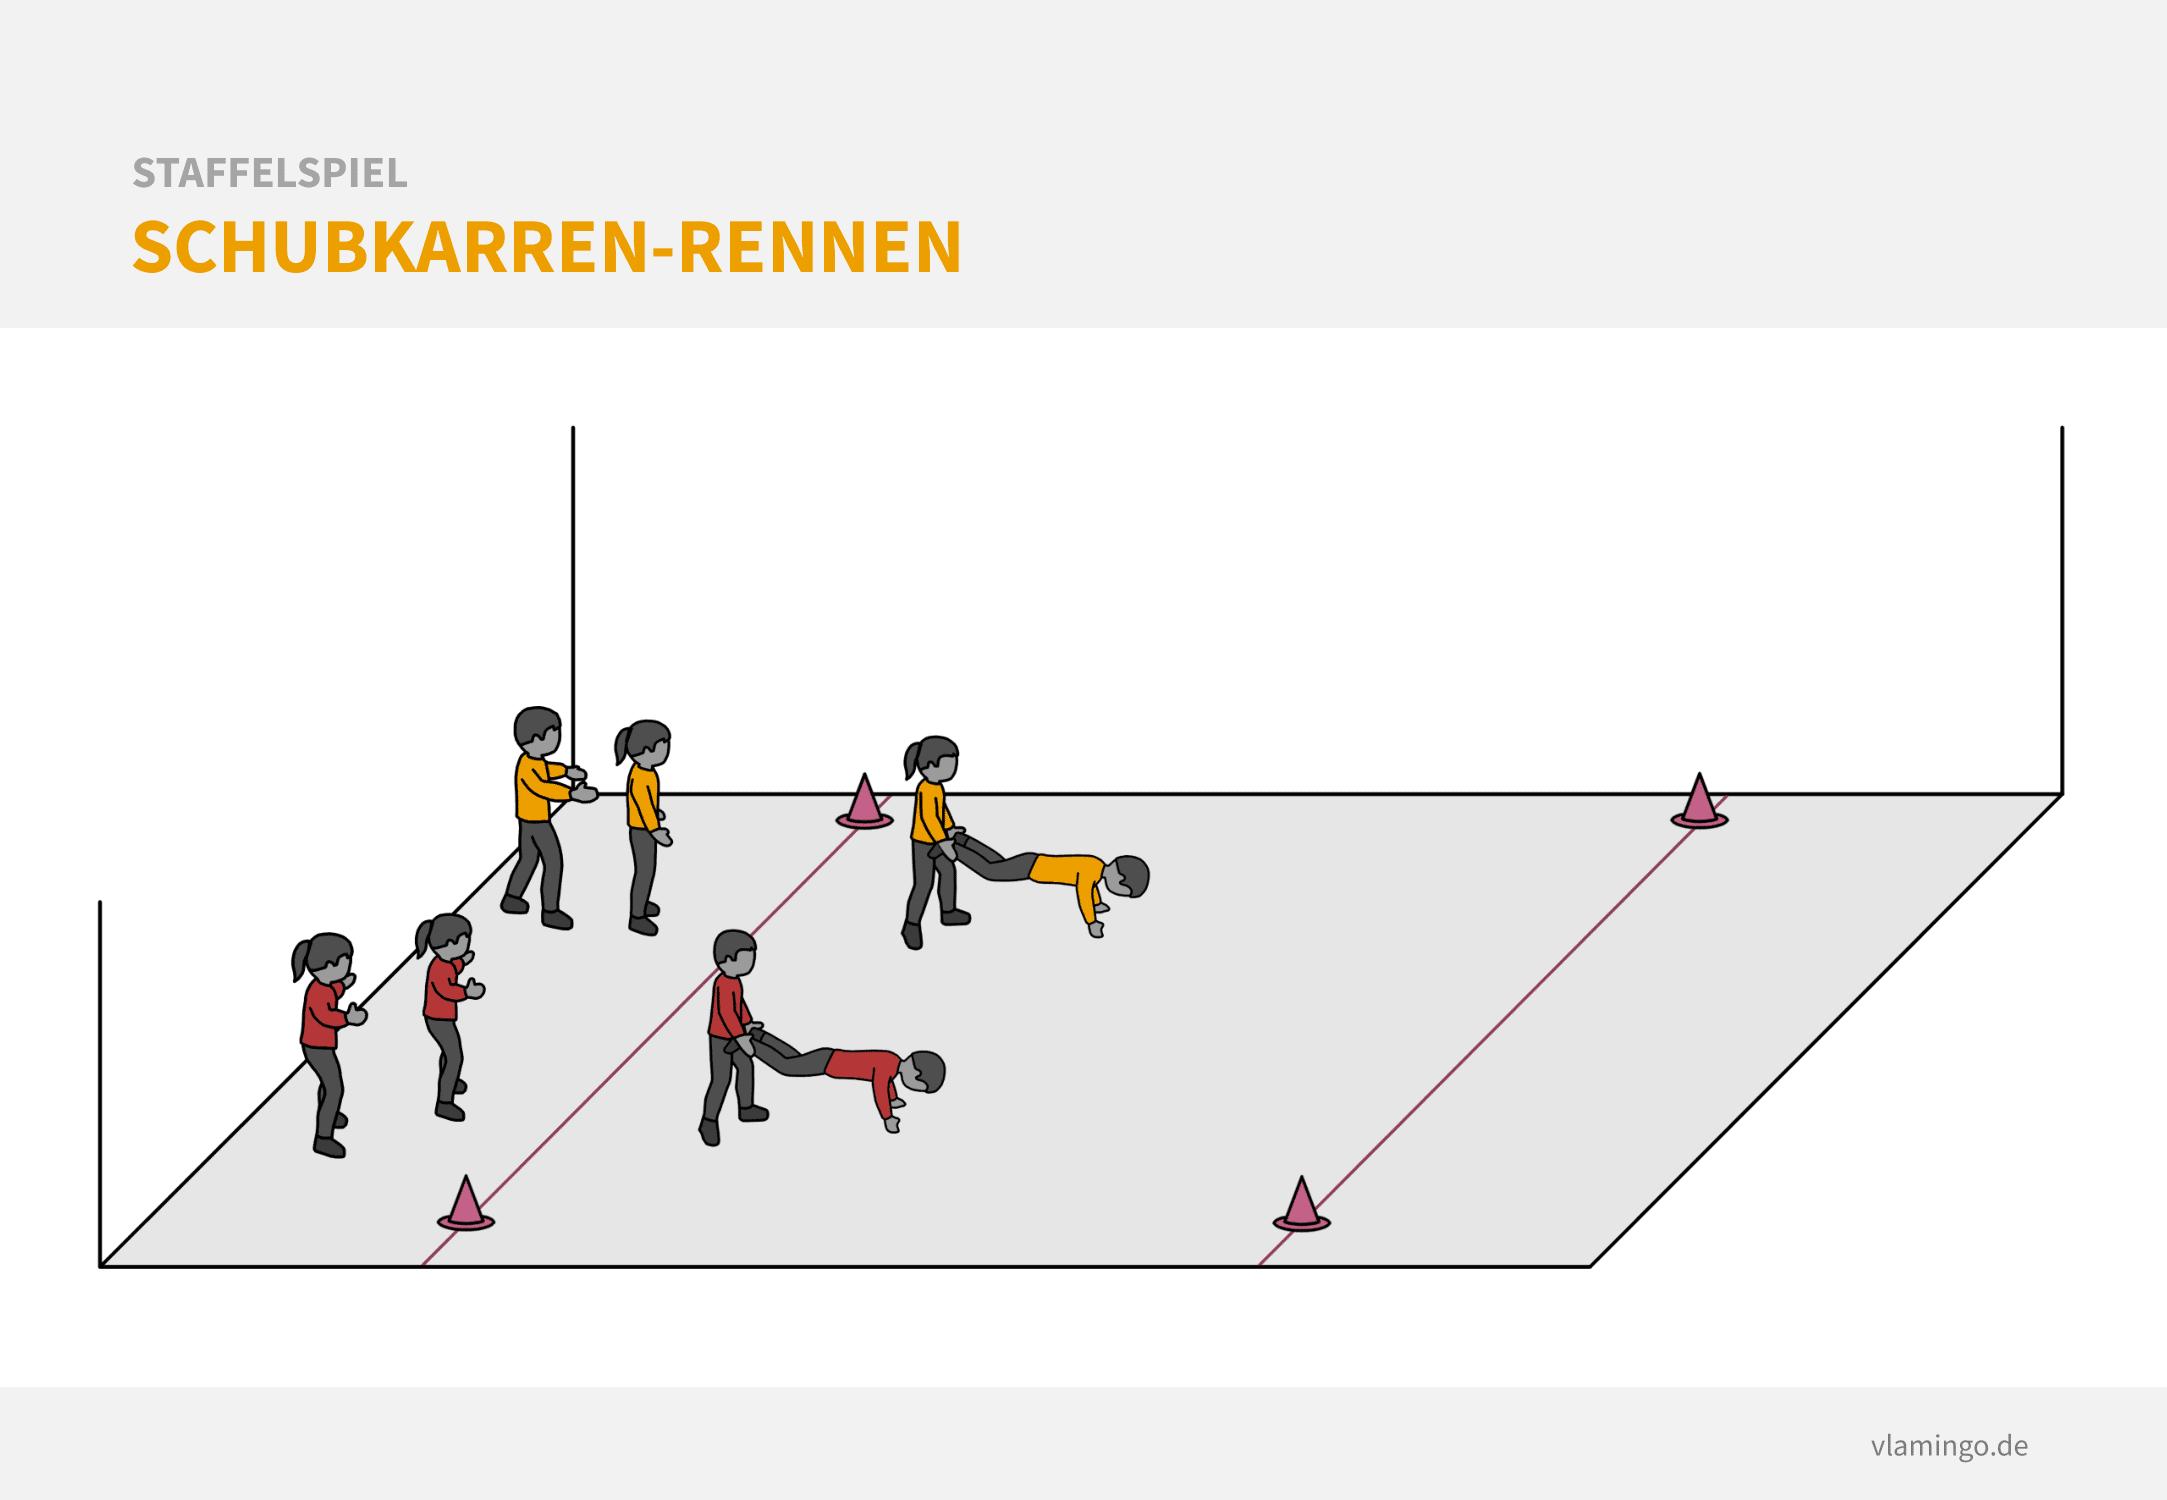 Staffelspiel - Schukarren-Rennen